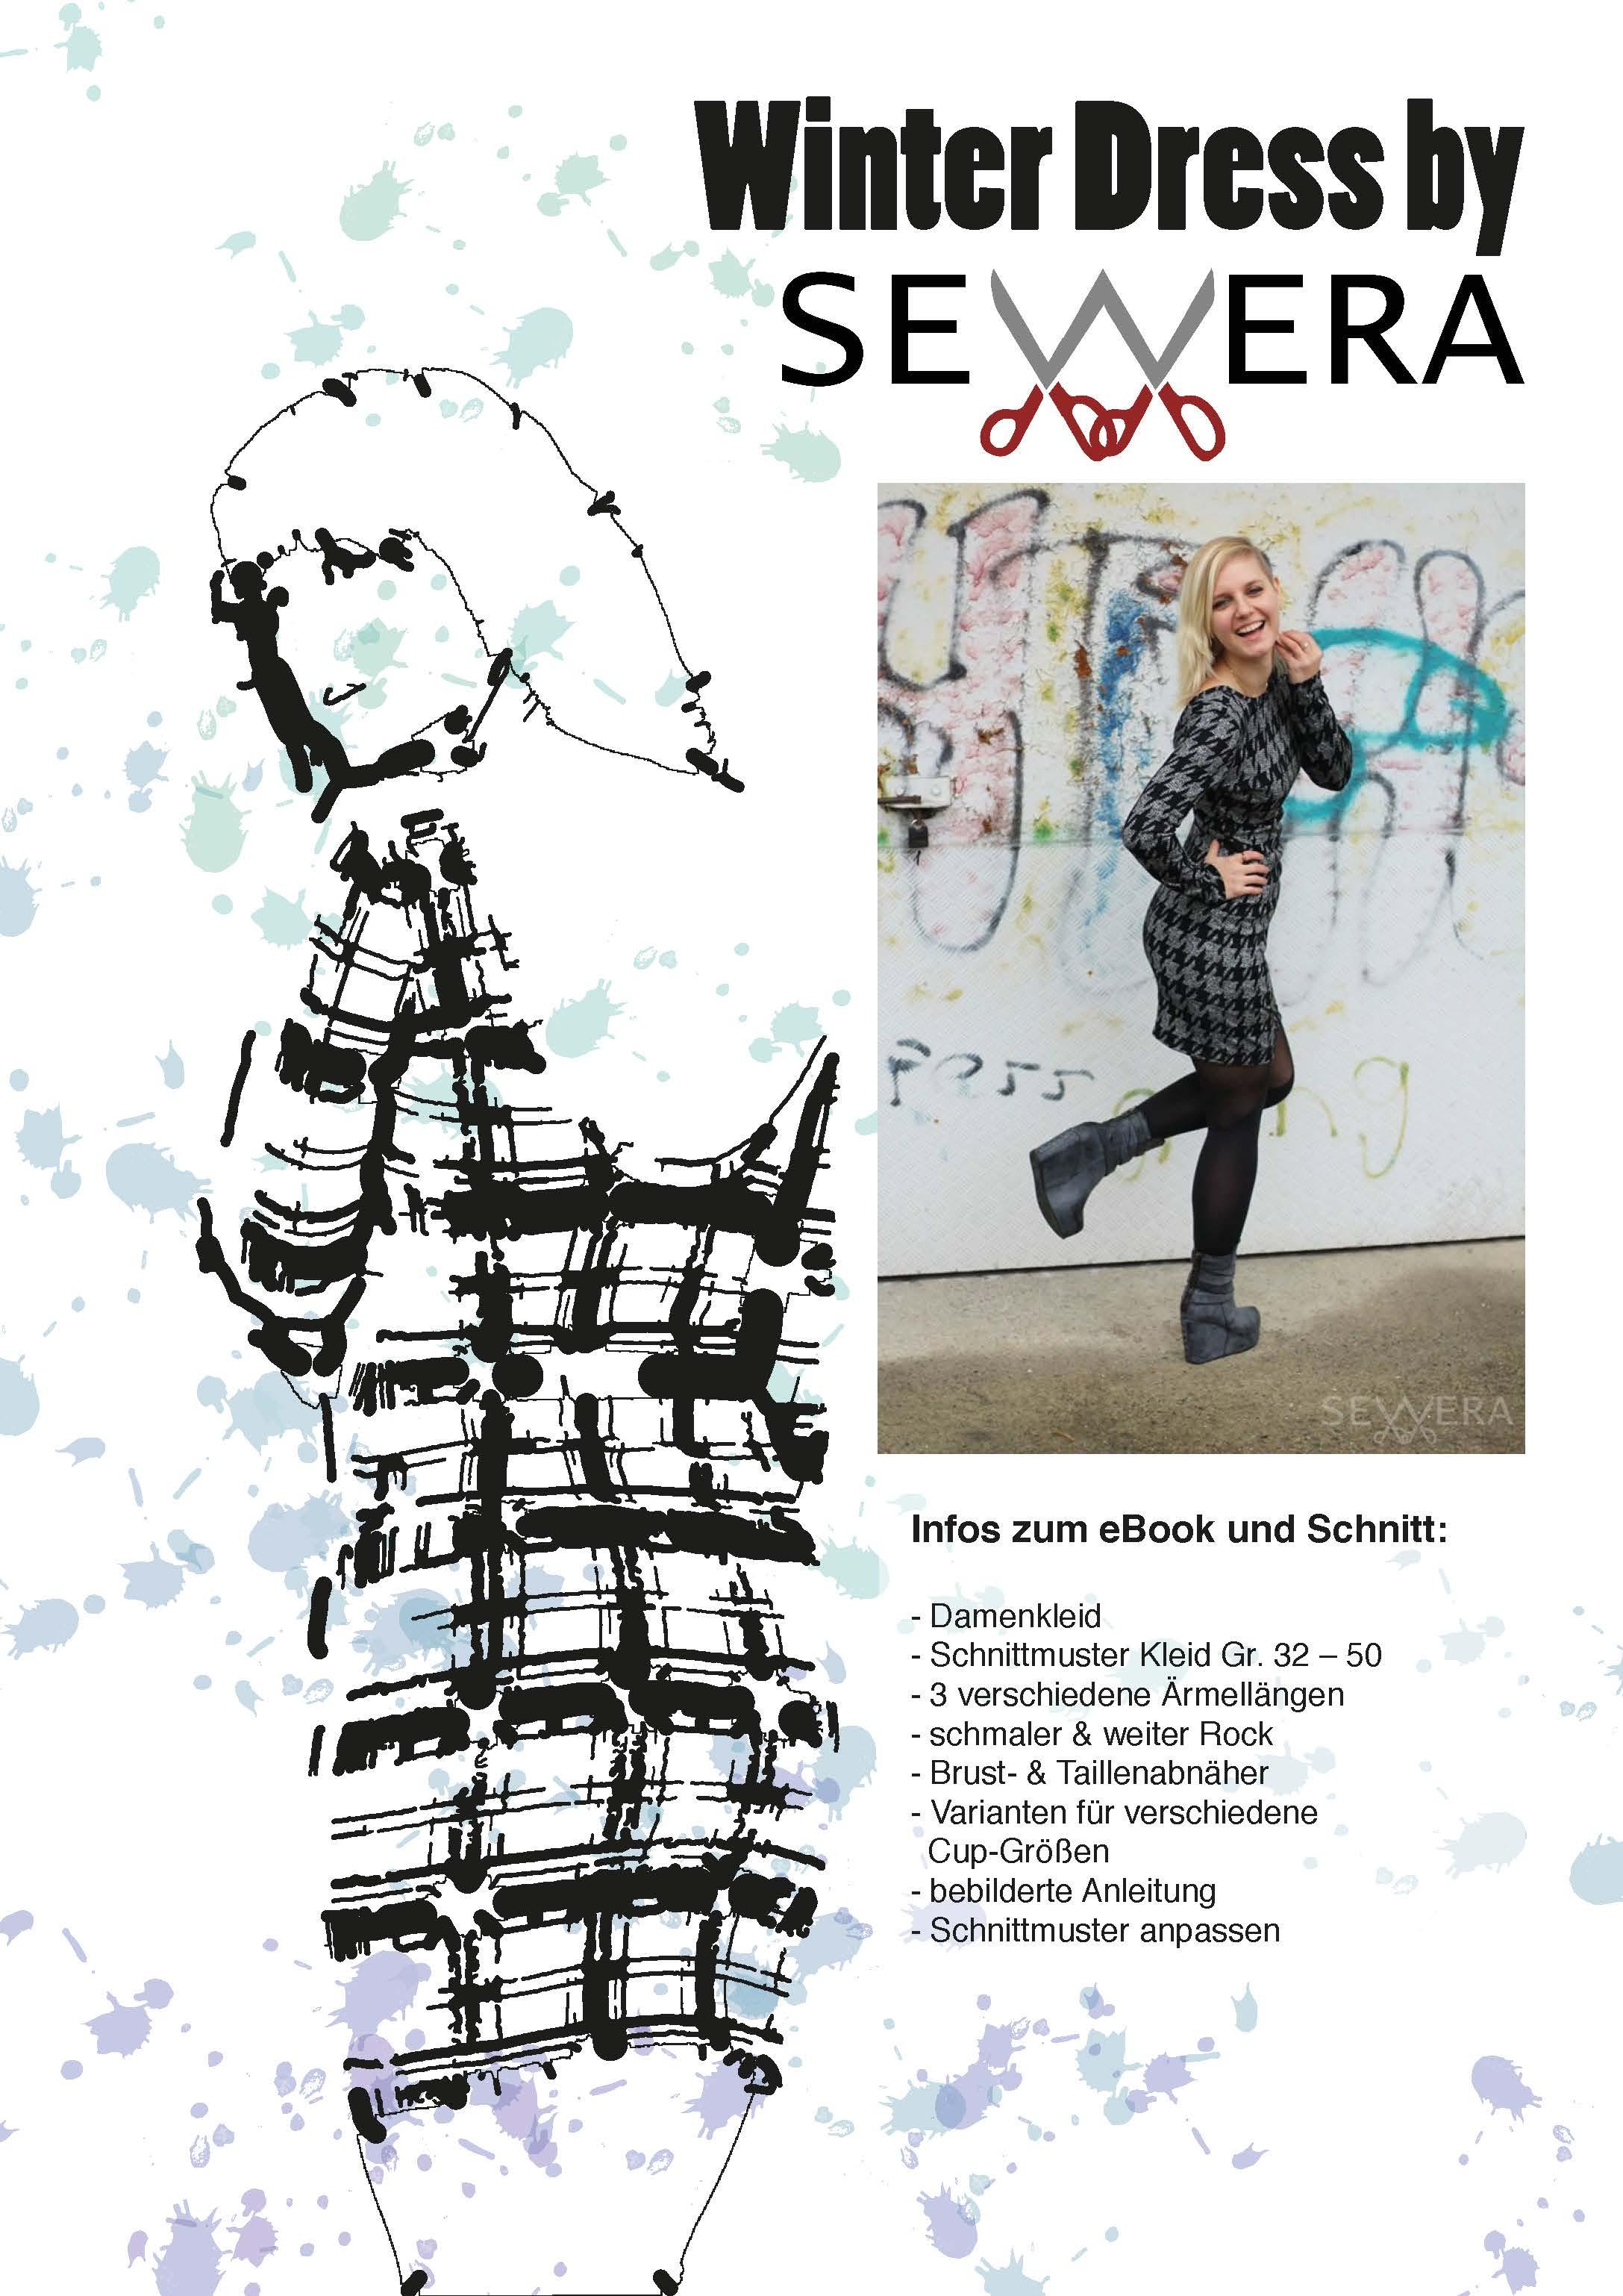 Winter Dress Schnittmuster & Anleitung by Sewera - Sewera Fashion